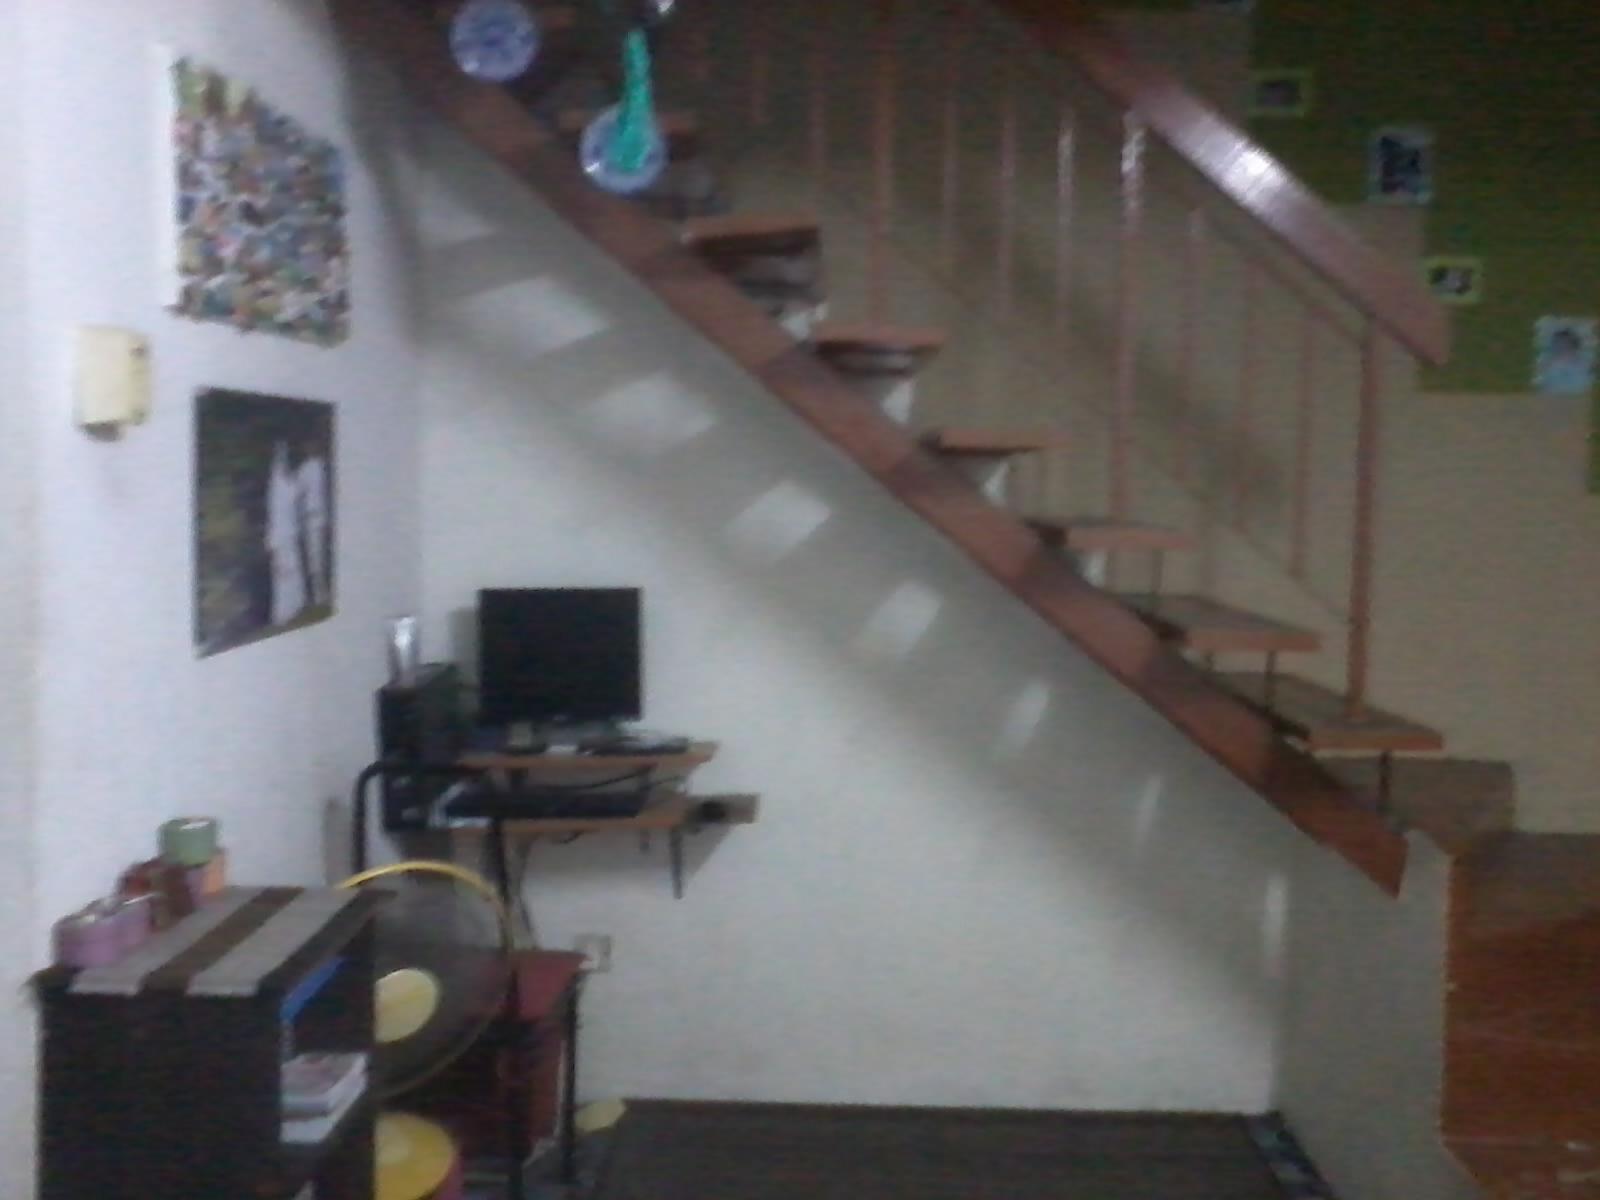 Ini Blog Mimiziouslicious Jemput Tengok Ruang Tamu Tempat